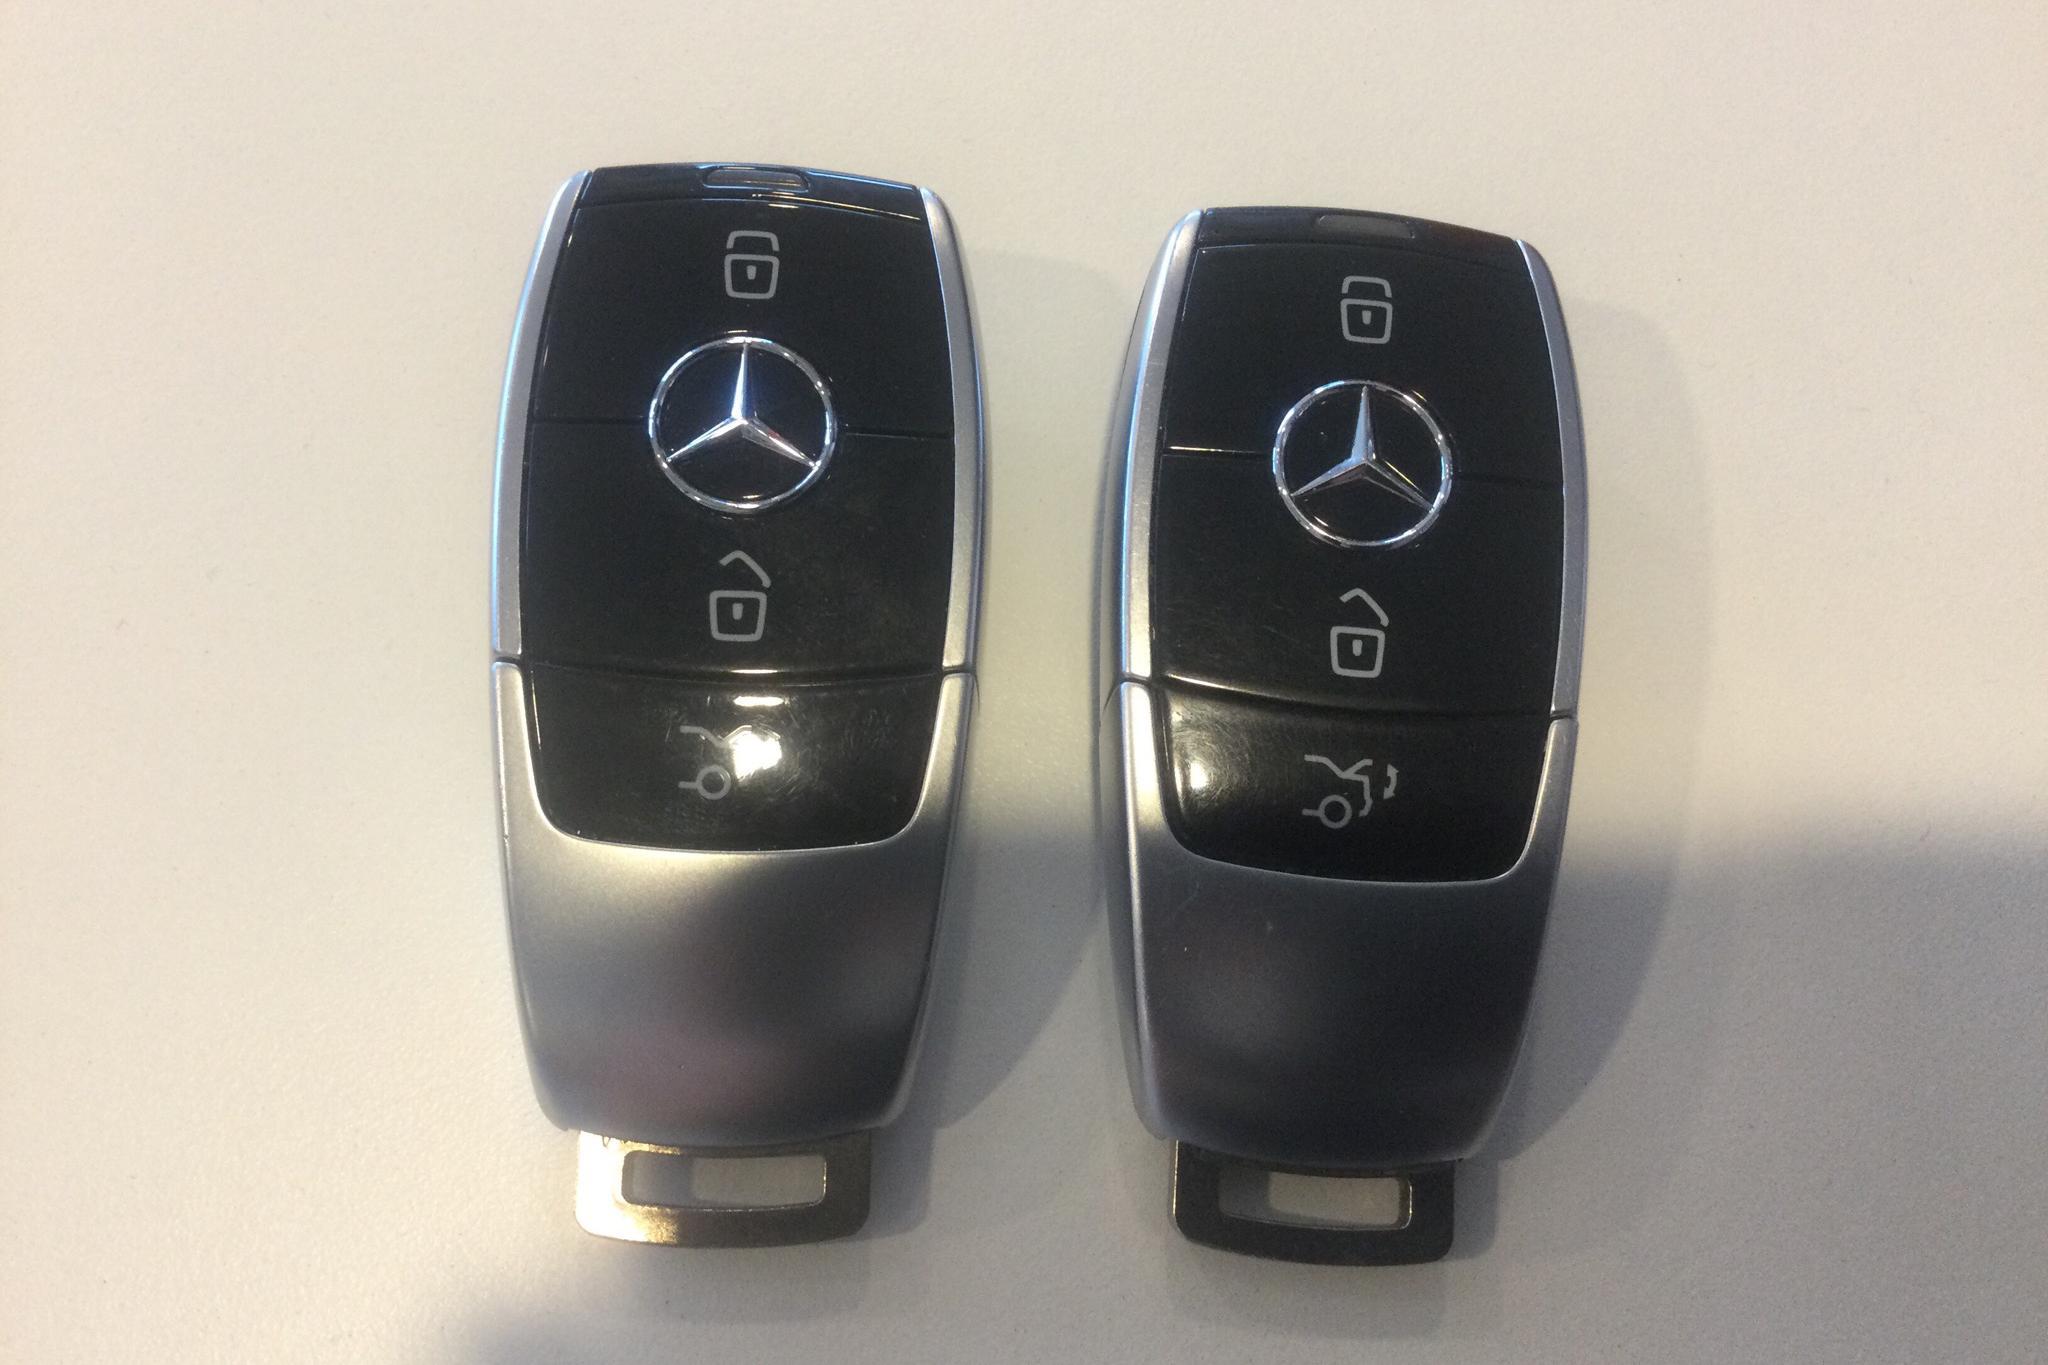 Mercedes E 220 d 4MATIC Kombi S213 (194hk) - 7 662 mil - Automat - vit - 2017